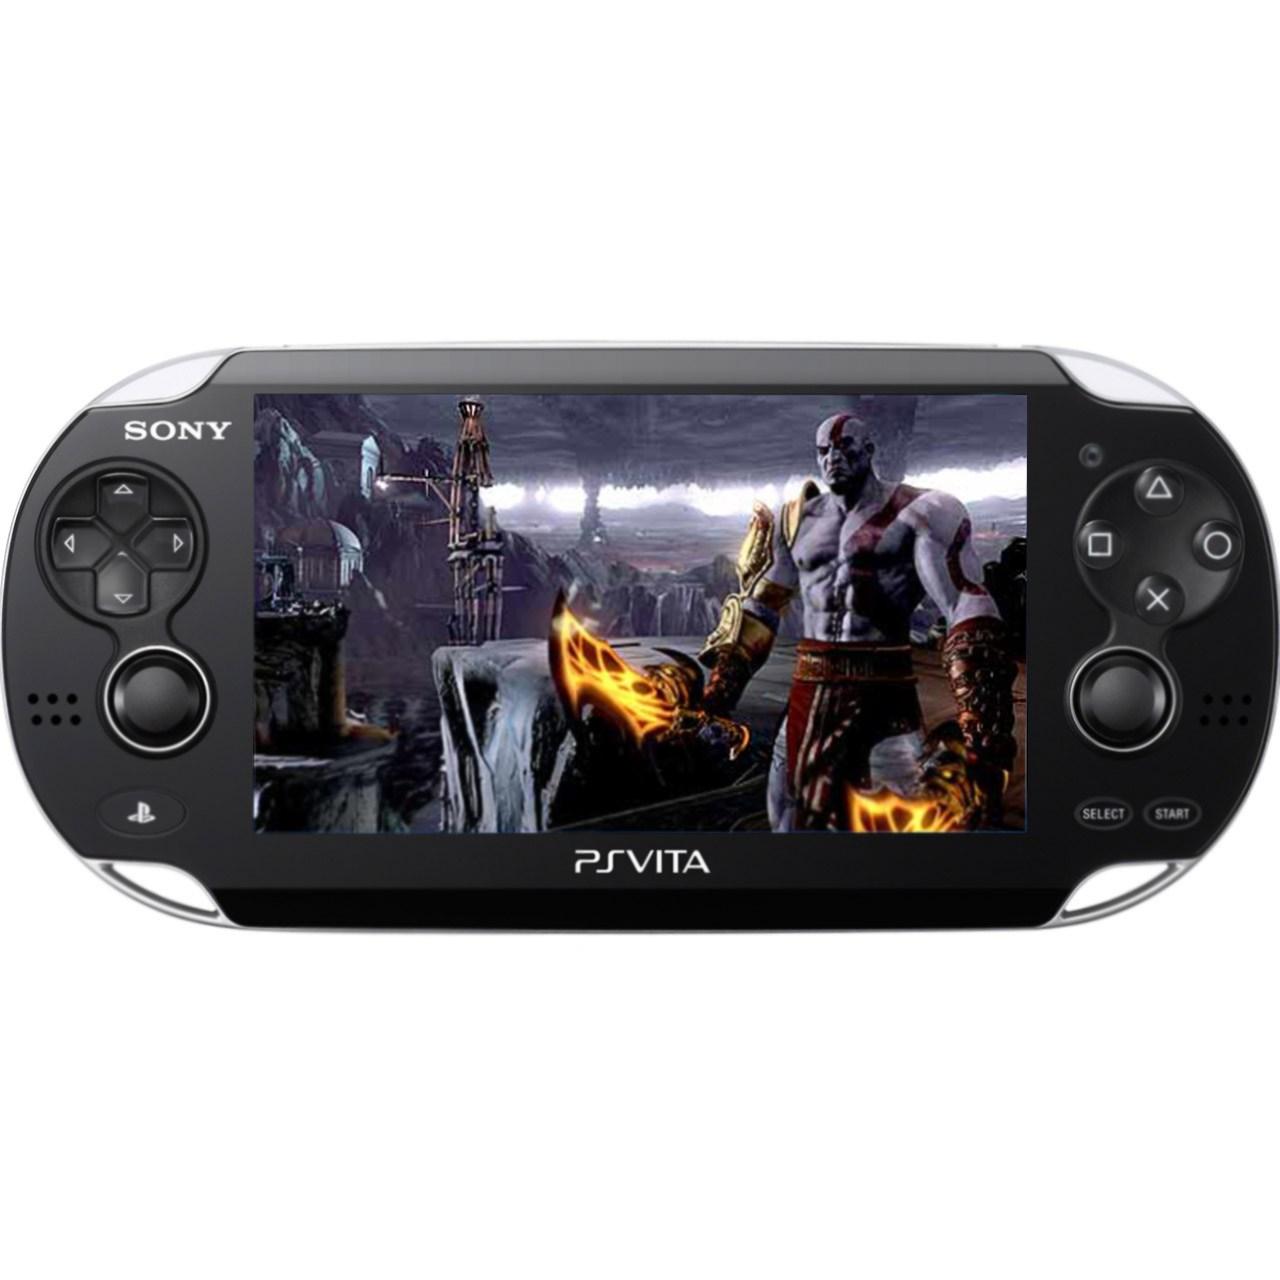 کنسول بازی سونی مدل پی اس ویتا وای فای به همراه بازی God of War